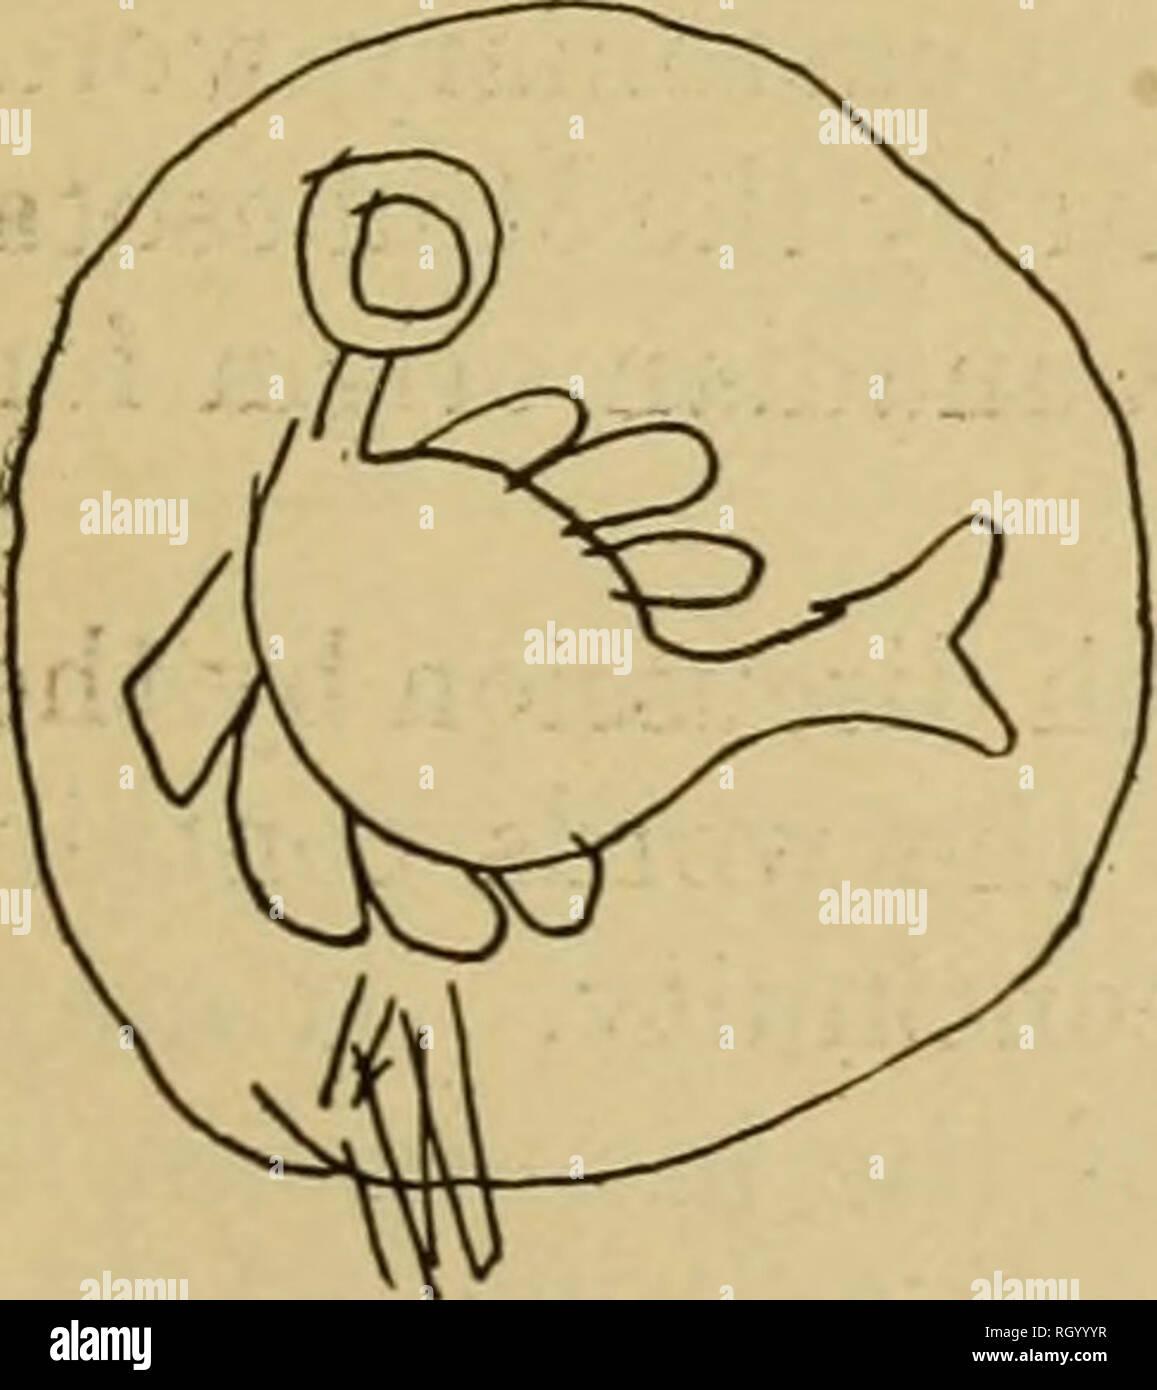 """. Boletín. Etnología. Wadjiwing^ desde debajo de la colina EnManwewidaman^ mi voz resuena sucesivamente canción foto no. 39. El baile comienza con esta canción y continúa durino- en este dibujo el resto de la serie. """" T """"^""""^^^''^ """" Nº 40 (catálogo No. 31) m^ ^ ^^. La imagen de la canción no. 40. En este dibujo el círculo representa la tierra; observe el interrumpir- ción del círculo en la parte inferior palabras Anawi'na -yo me causará ap- Nimo'kiwina' j pear Tibickoka^mig que está debajo de la tierra Ebigwen^^ """"1,,, , ^^ . Anawi'na ^ li"""" h '^^^kinina """" Nimo' J Foto de stock"""